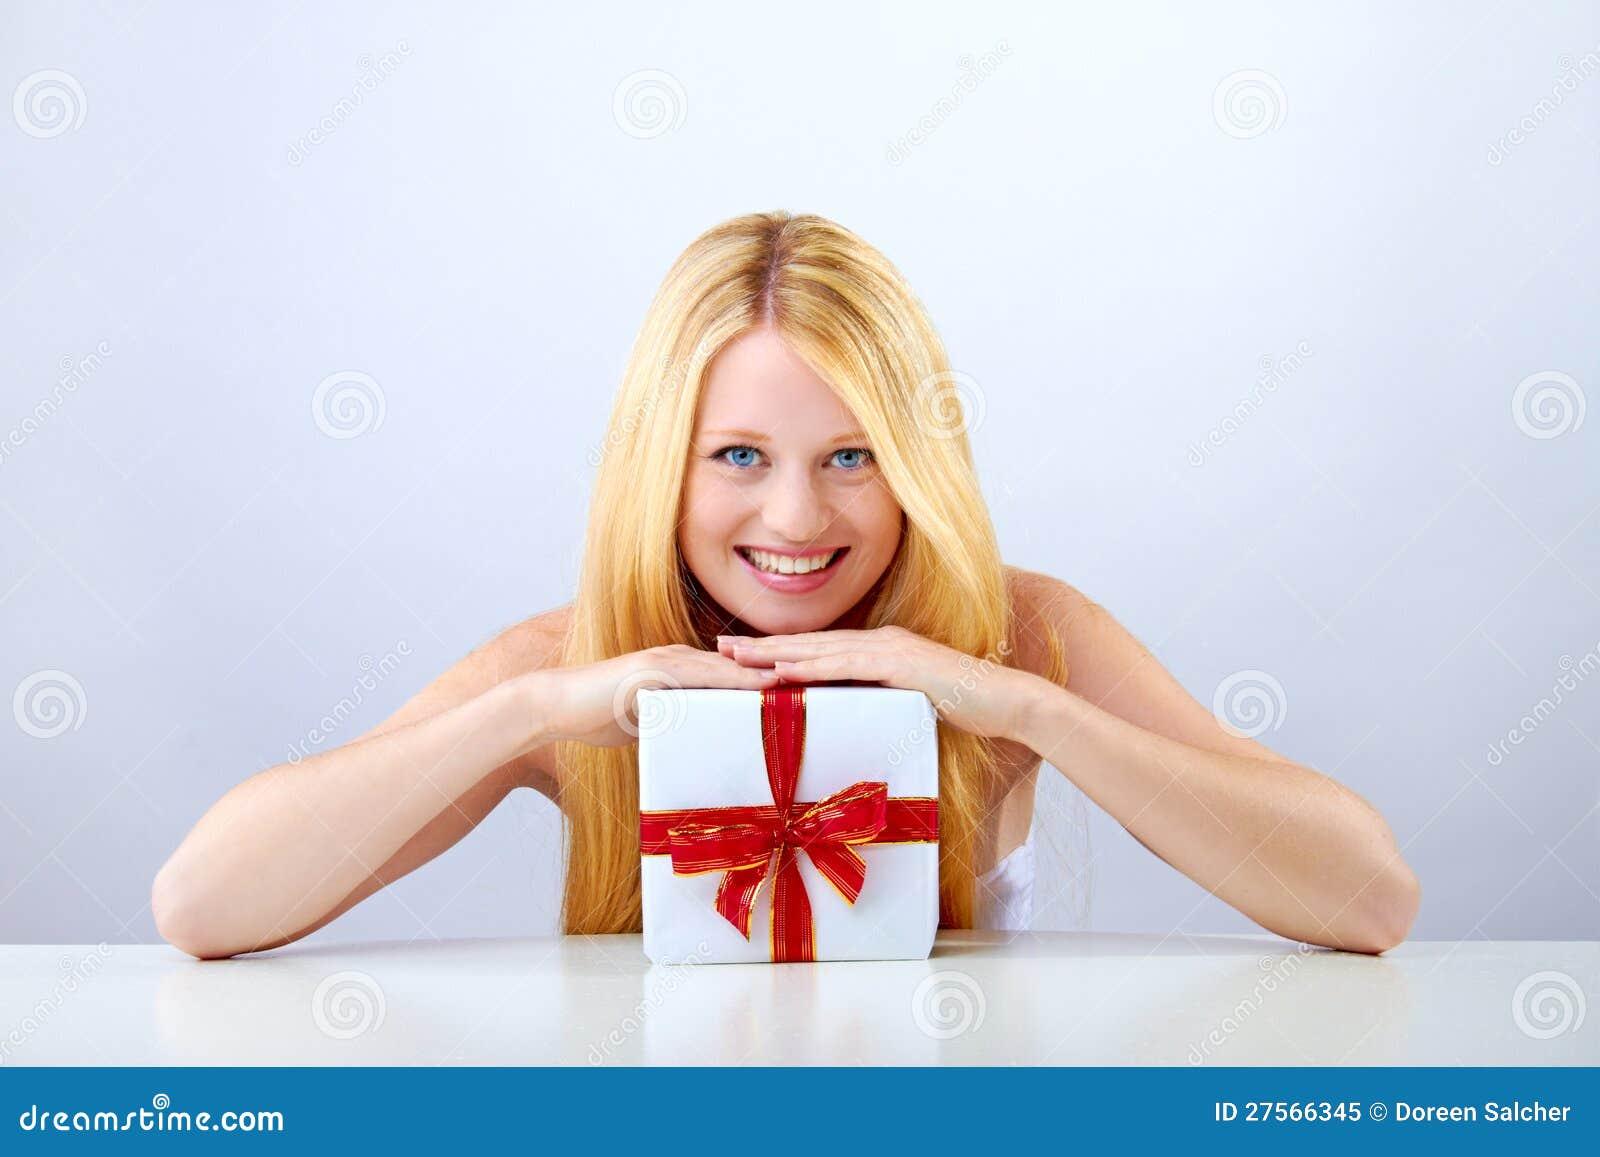 Hübsche Frau Mit Weihnachtsgeschenk Stockbild - Bild von glücklich ...